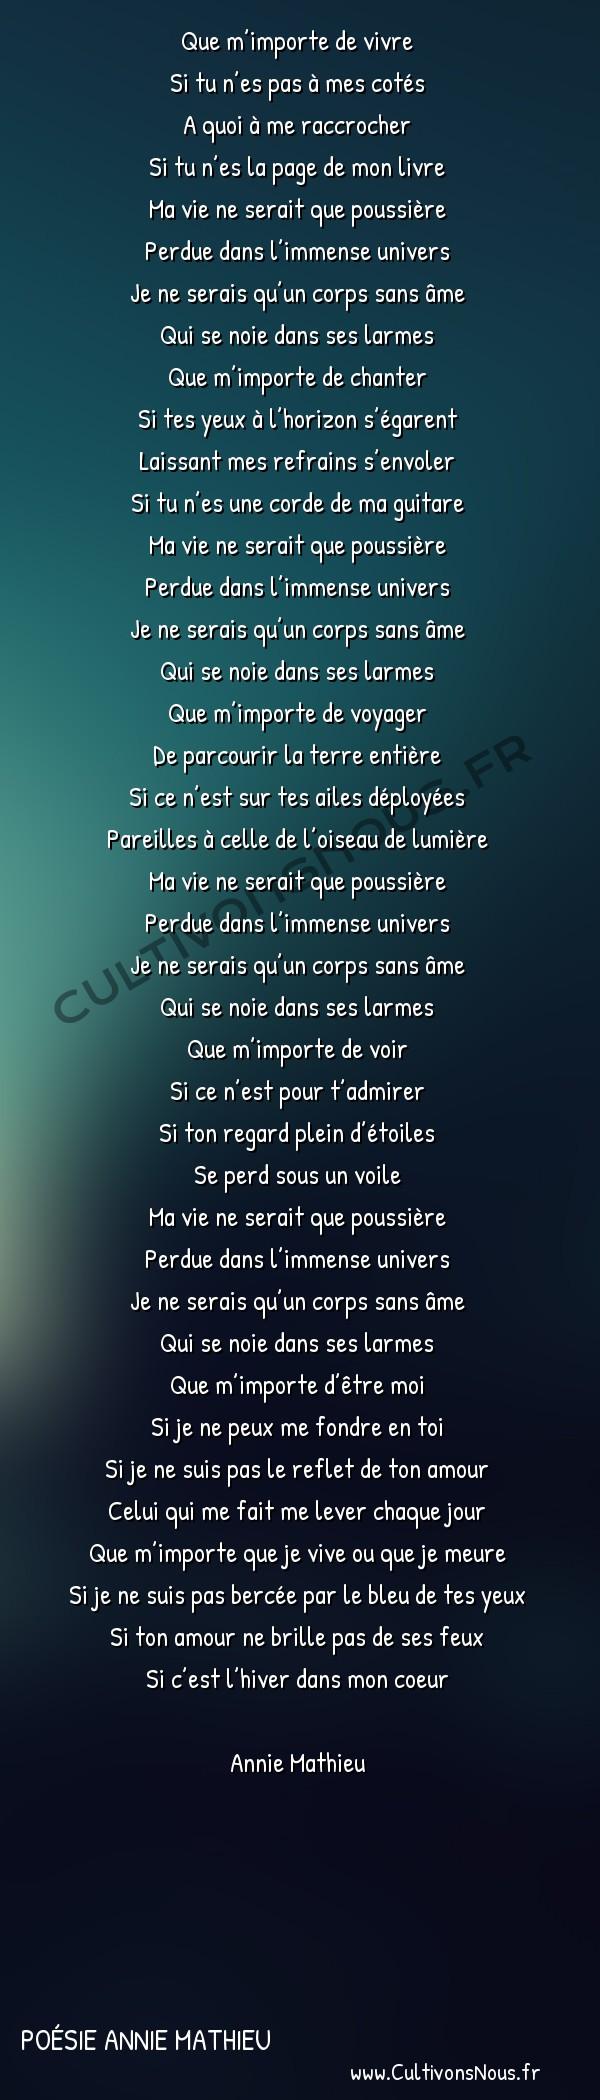 Poésies contemporaines - poésie Annie Mathieu - Que m'importe -  Que m'importe de vivre Si tu n'es pas à mes cotés